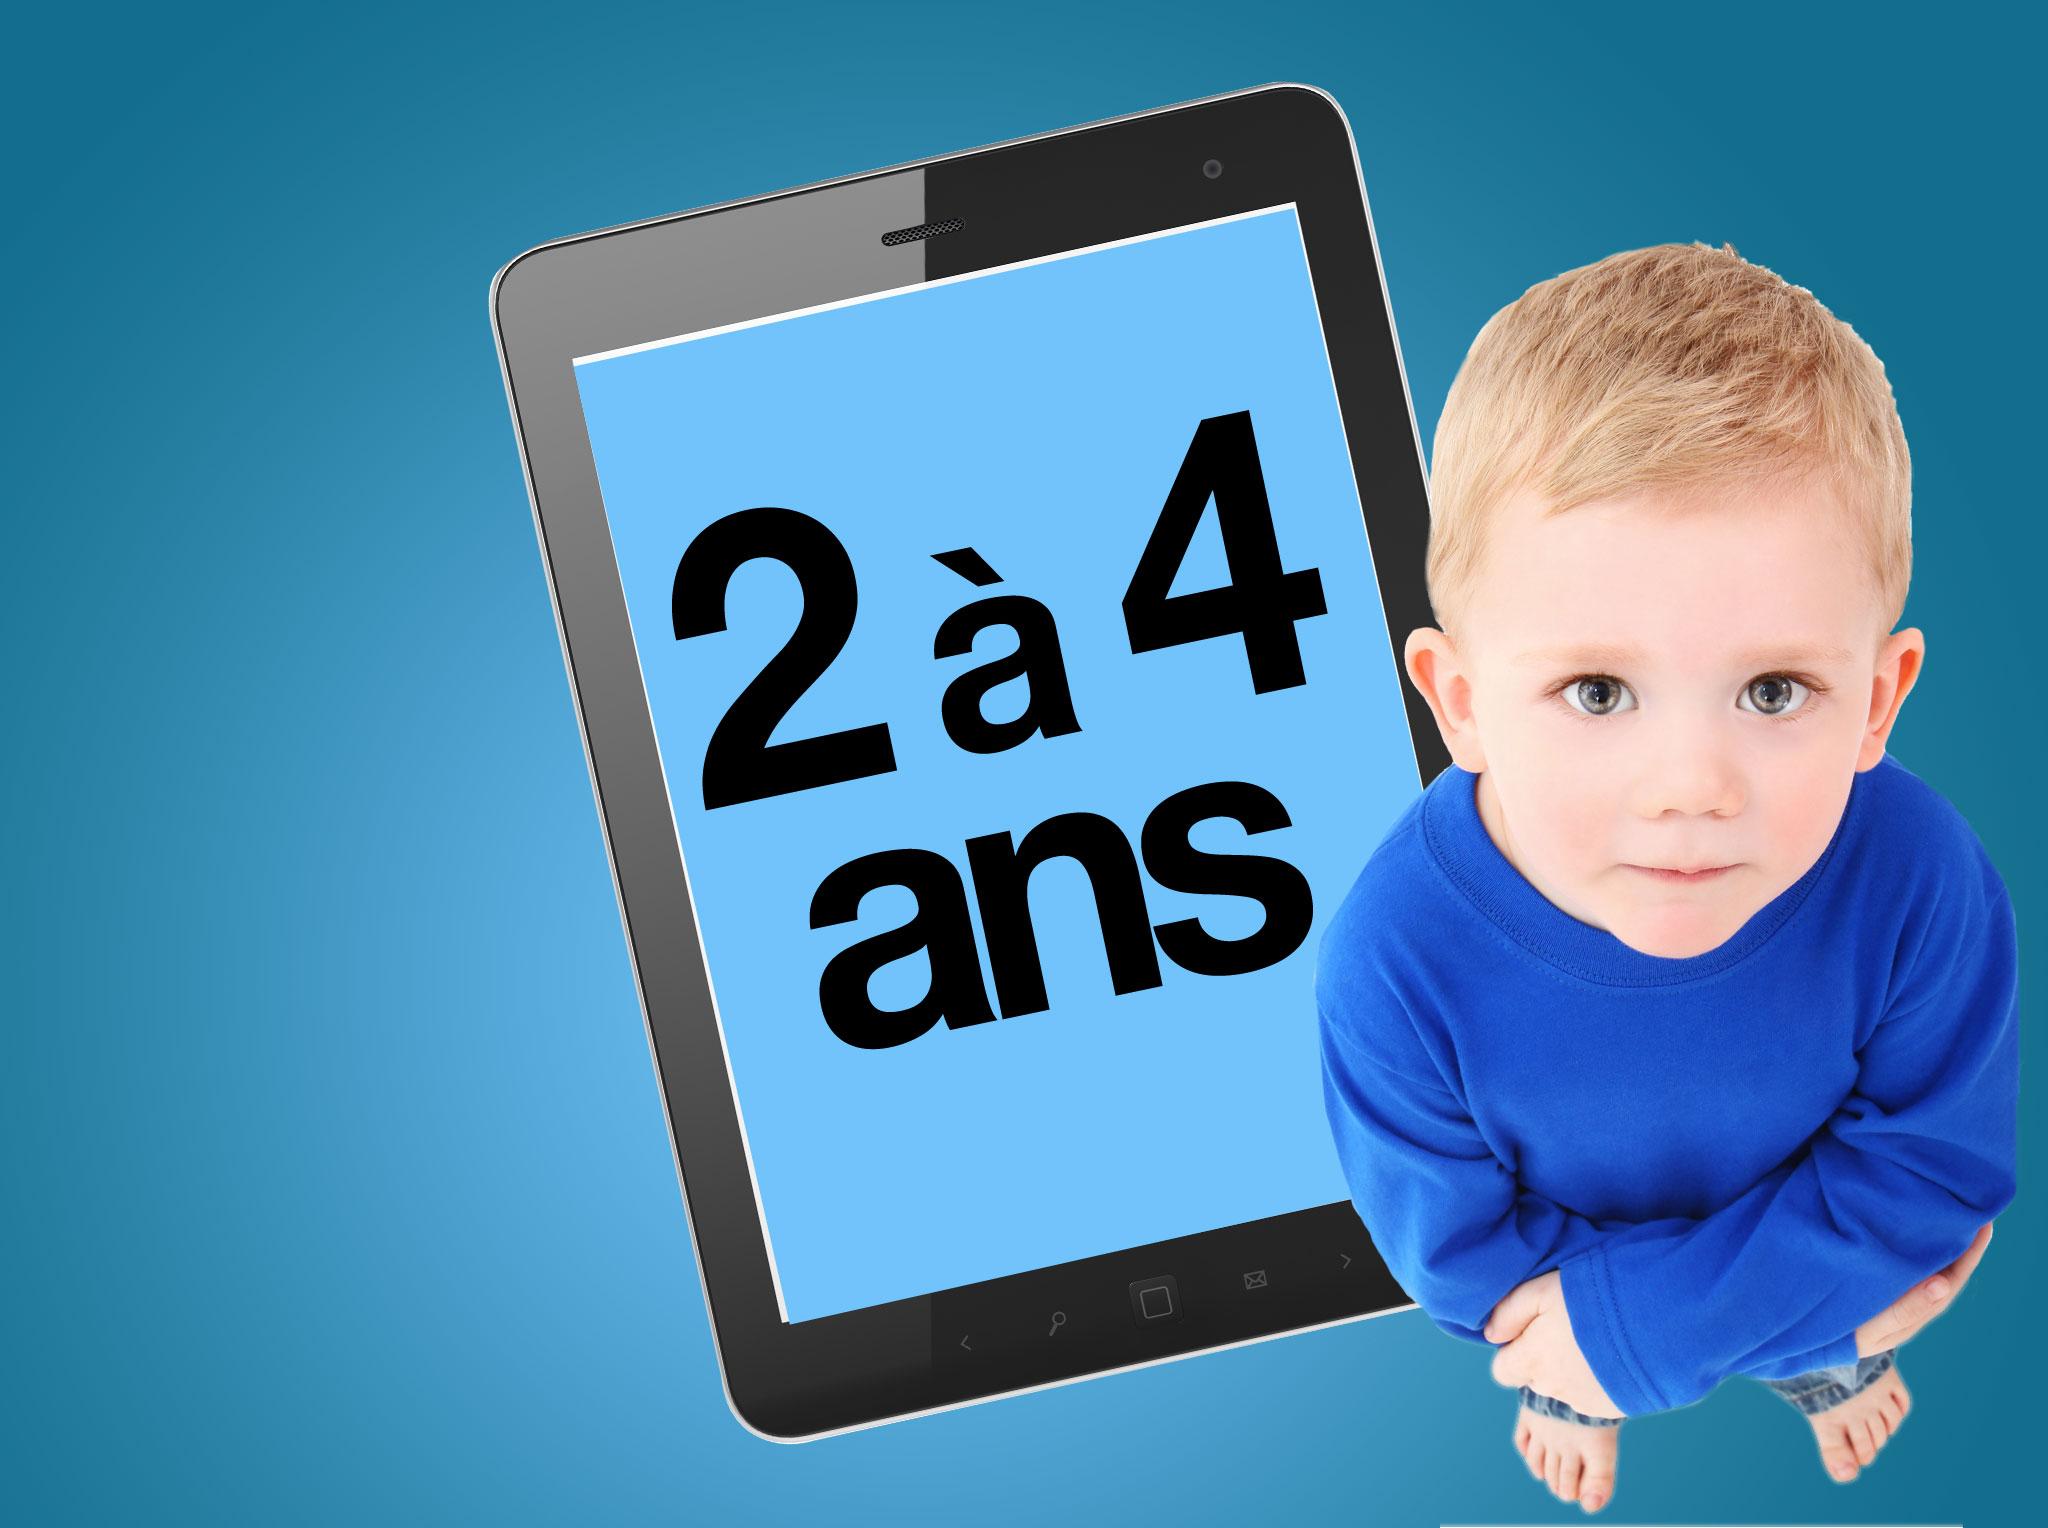 Jeux Sur Tablette: 64 Choix Pour Enfants | Protégez-Vous.ca pour Jeux Gratuits Pour Bebe De 3 Ans